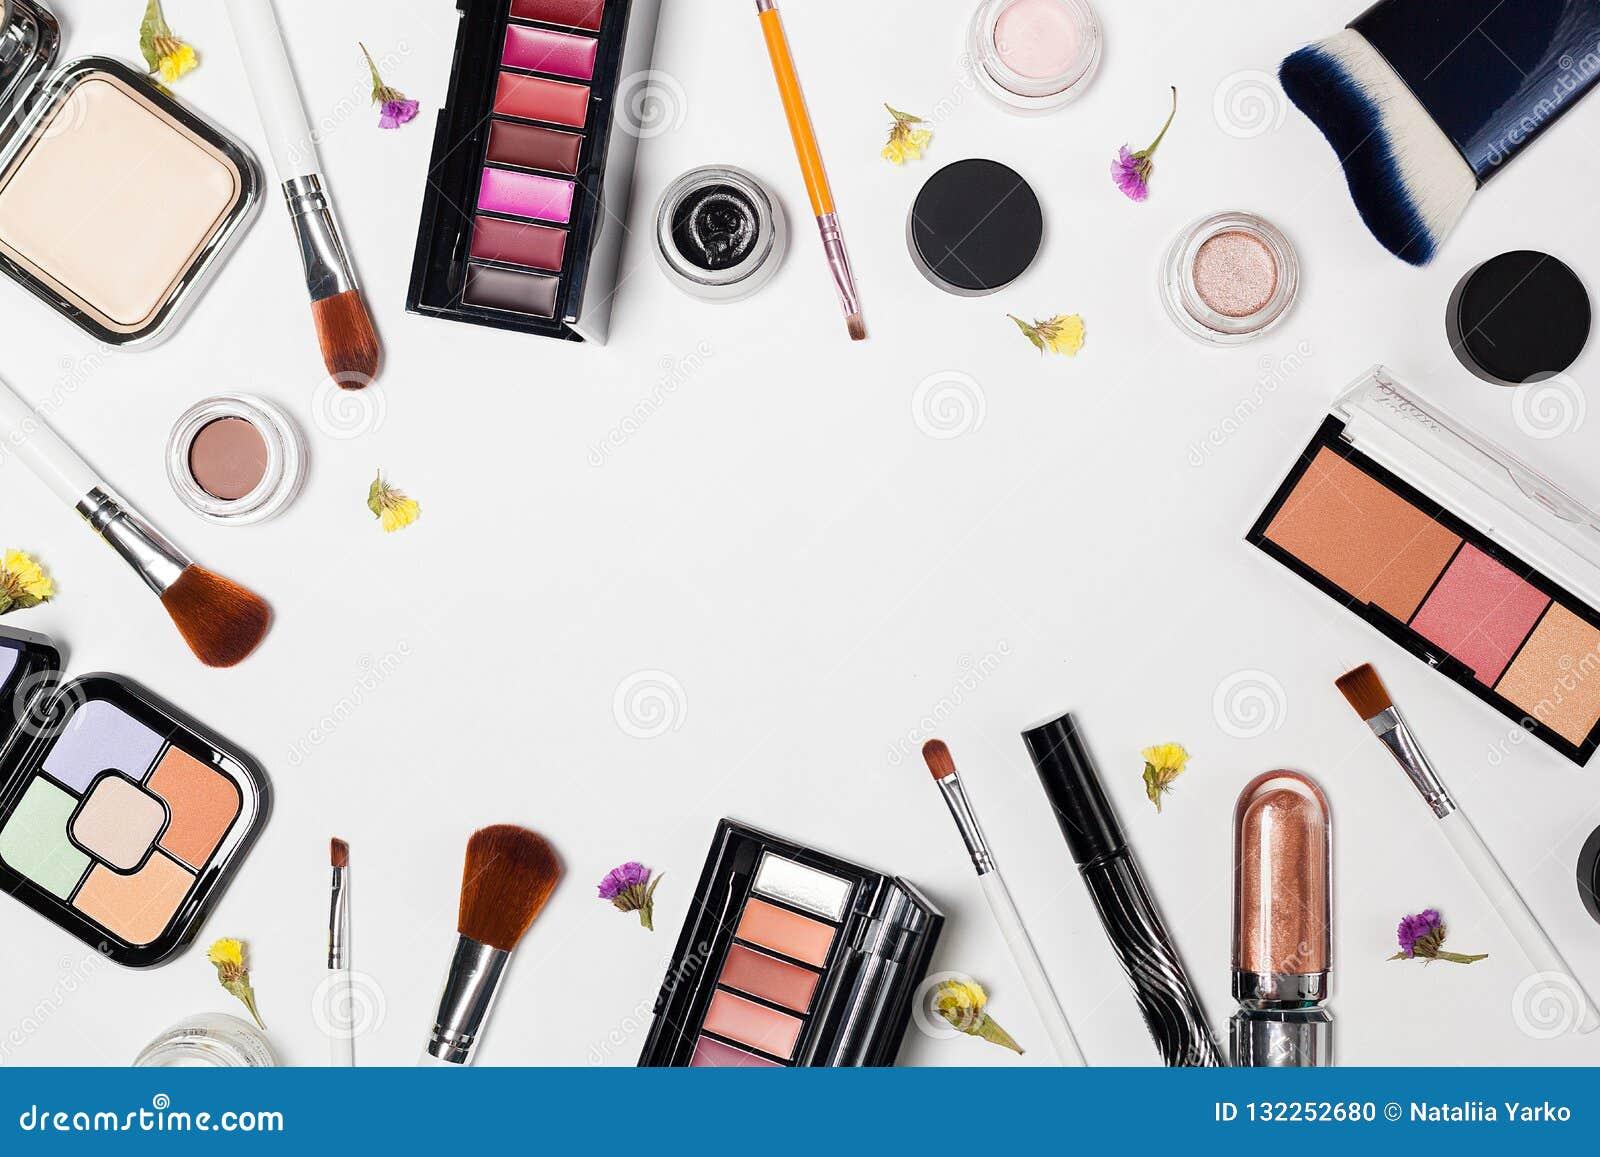 Kobieta uzupełnia produkty i akcesoria na białym tle fachowi dekoracyjni kosmetyki, makeup narzędzia